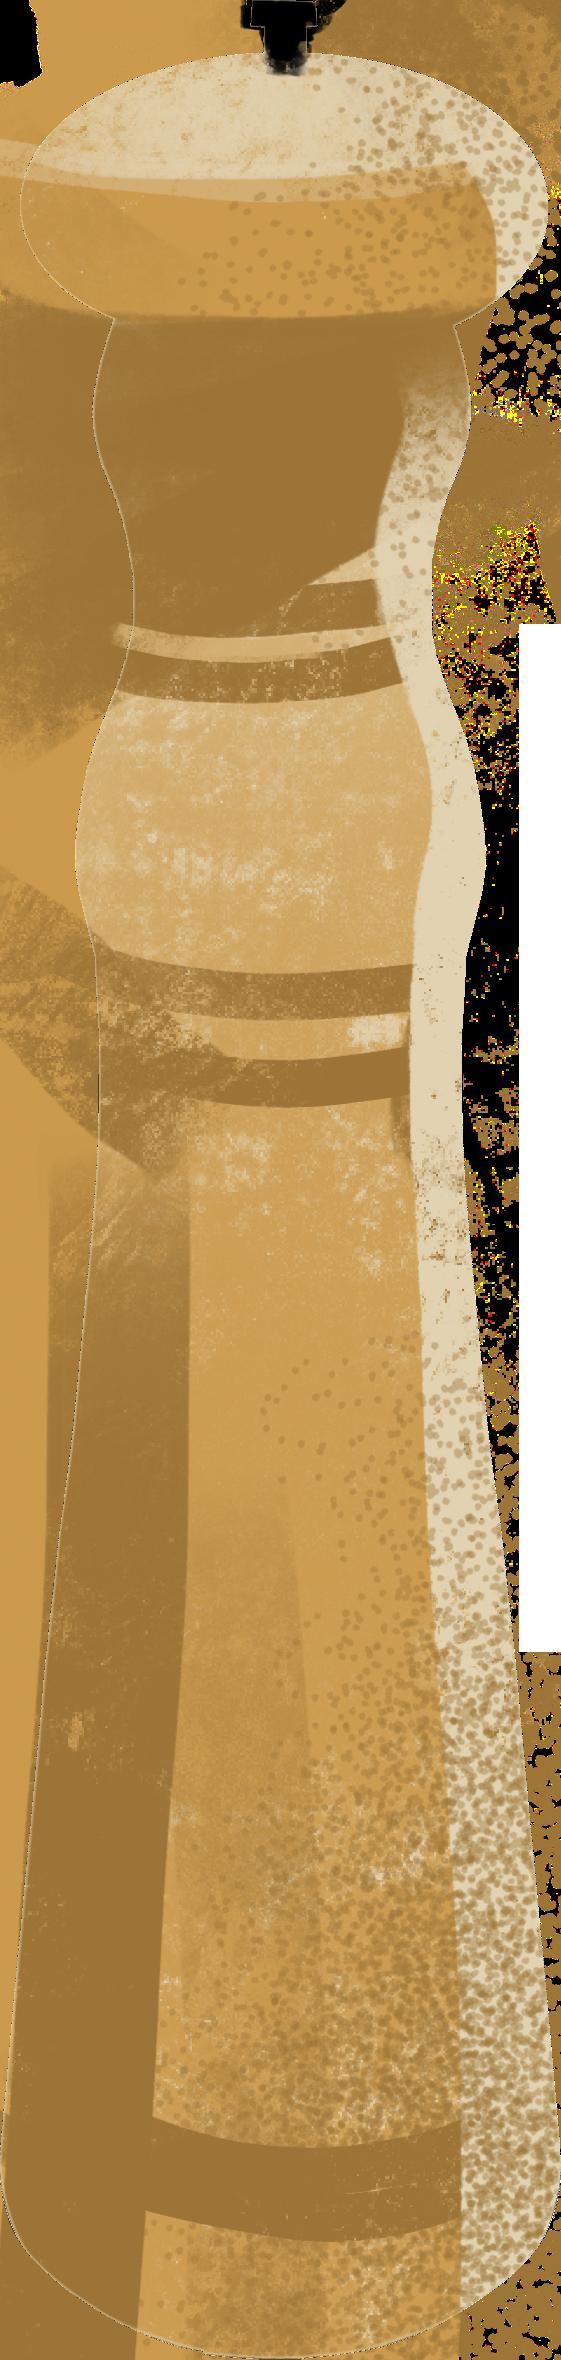 PNGとSVGの  スタイルの pepper shaker ベクターイメージ | Icons8 イラスト